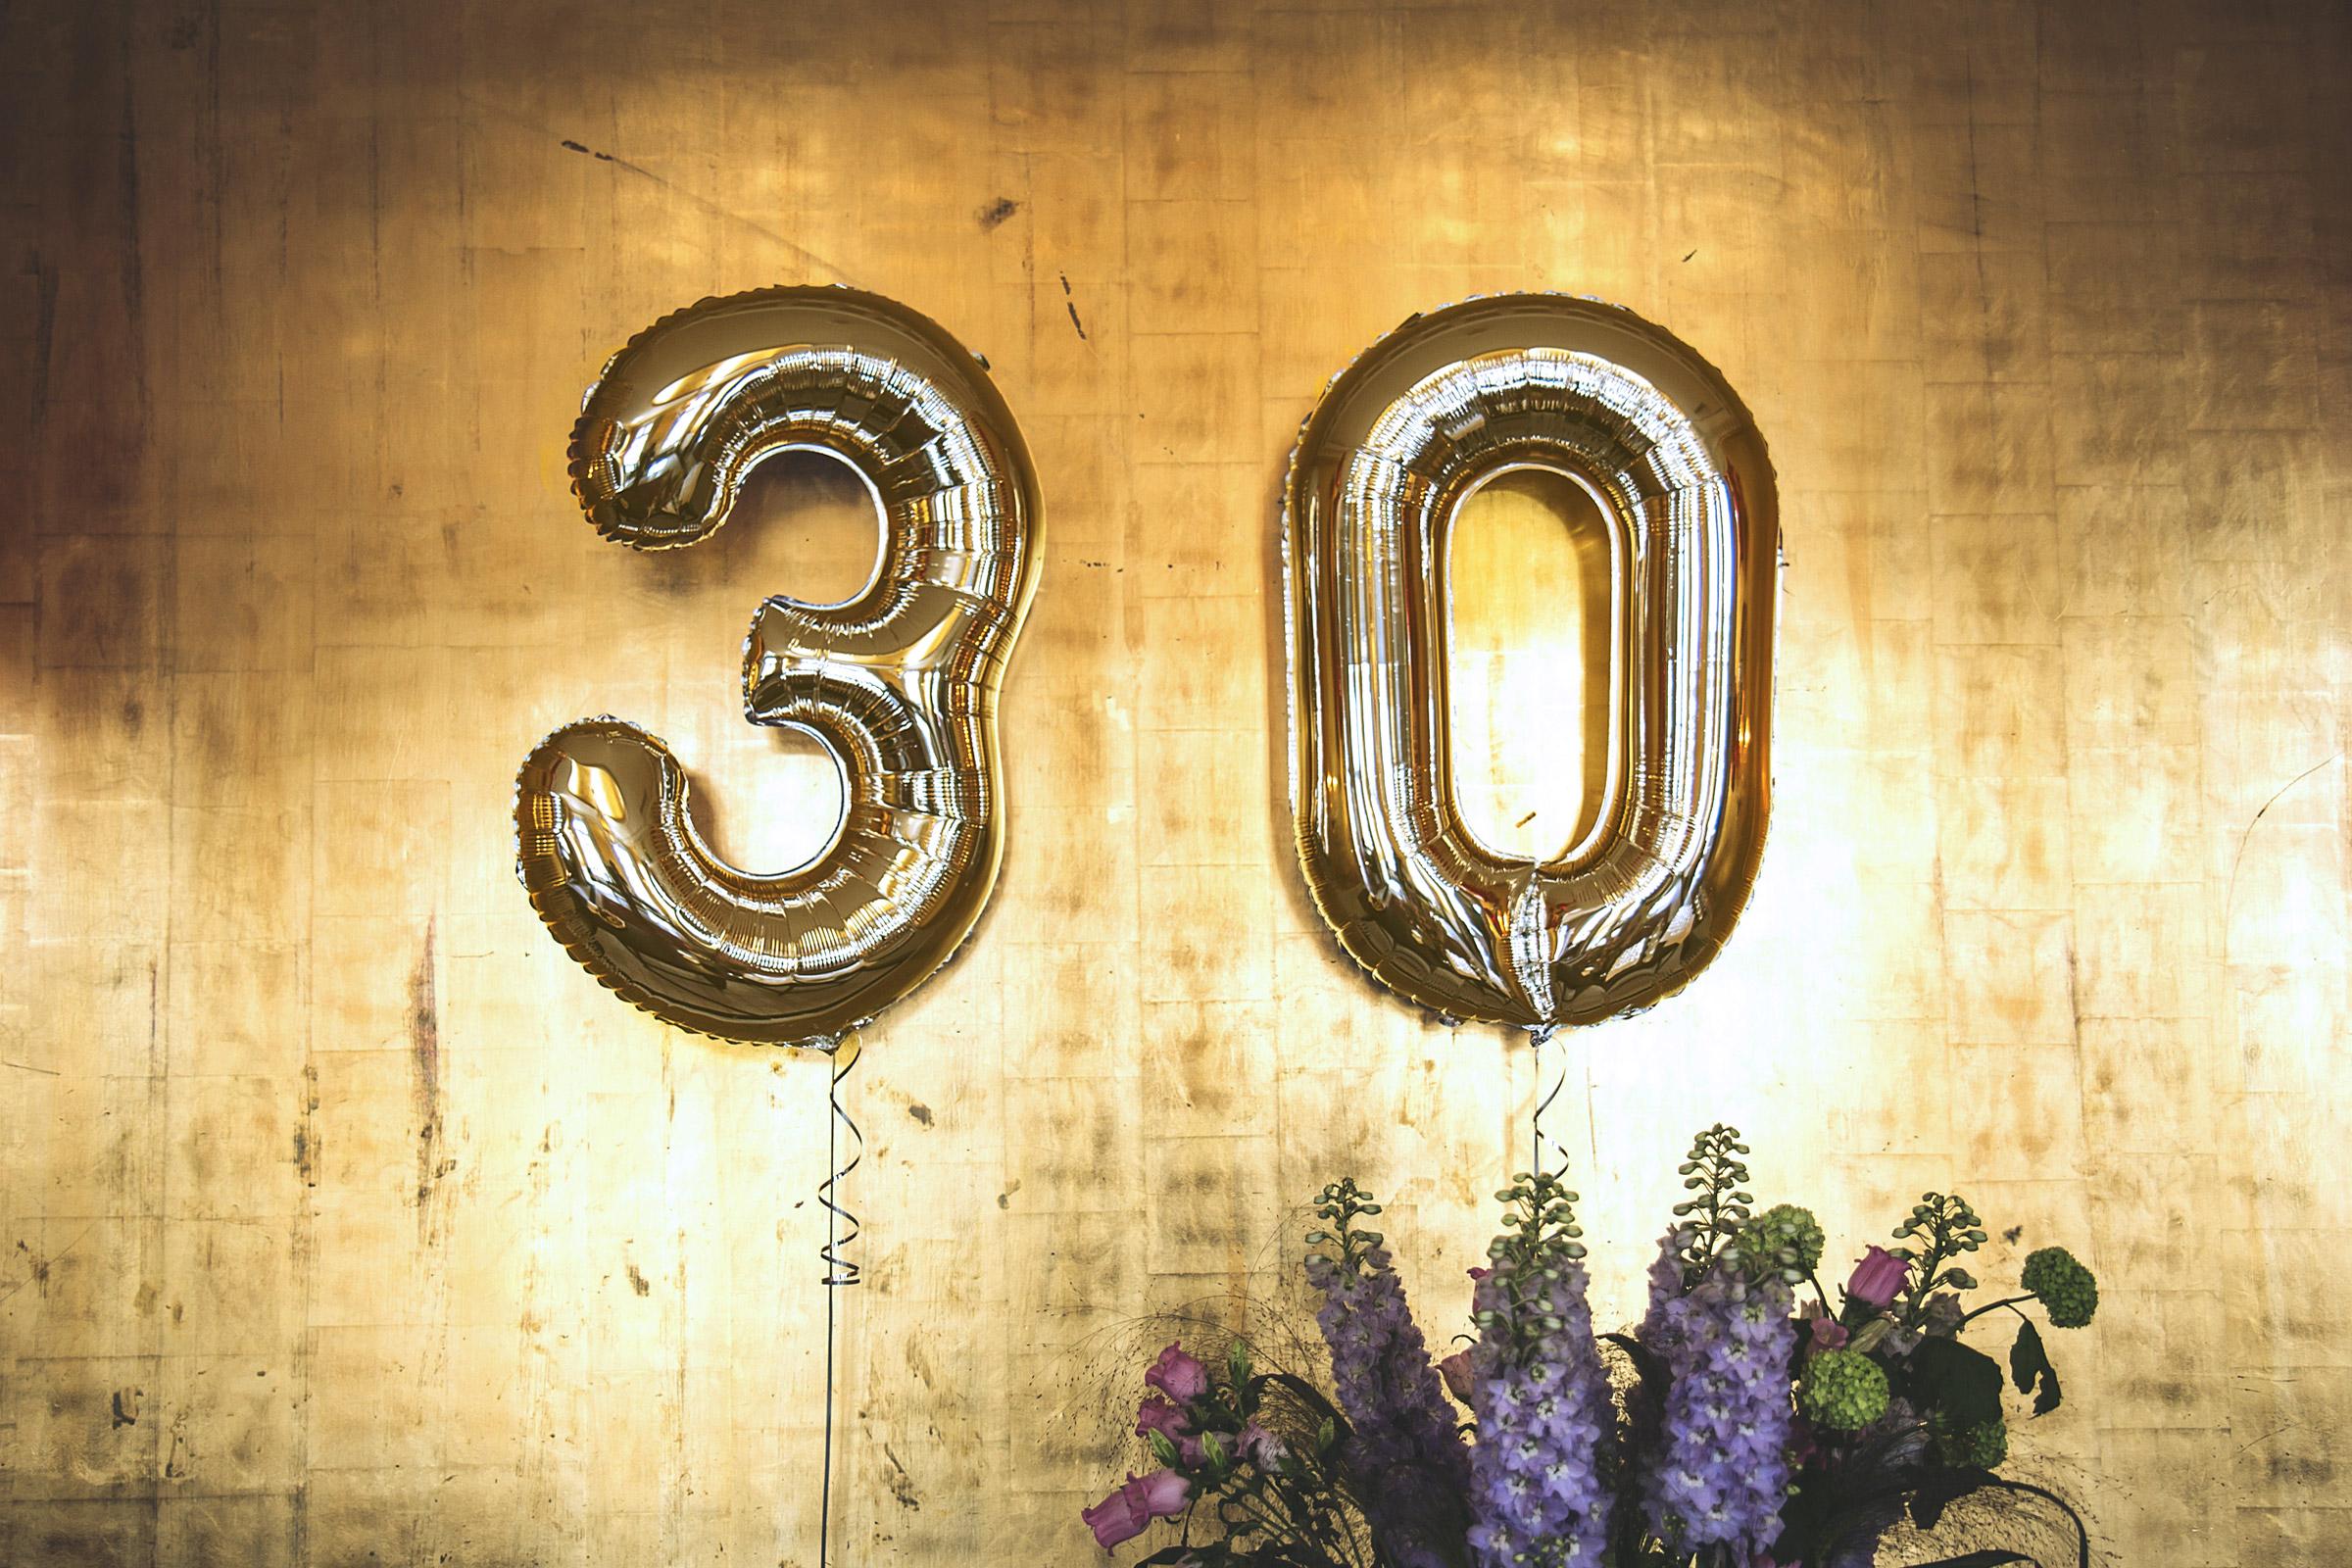 comment d corer son anniversaire de 30 ans 30 ans ou presque. Black Bedroom Furniture Sets. Home Design Ideas